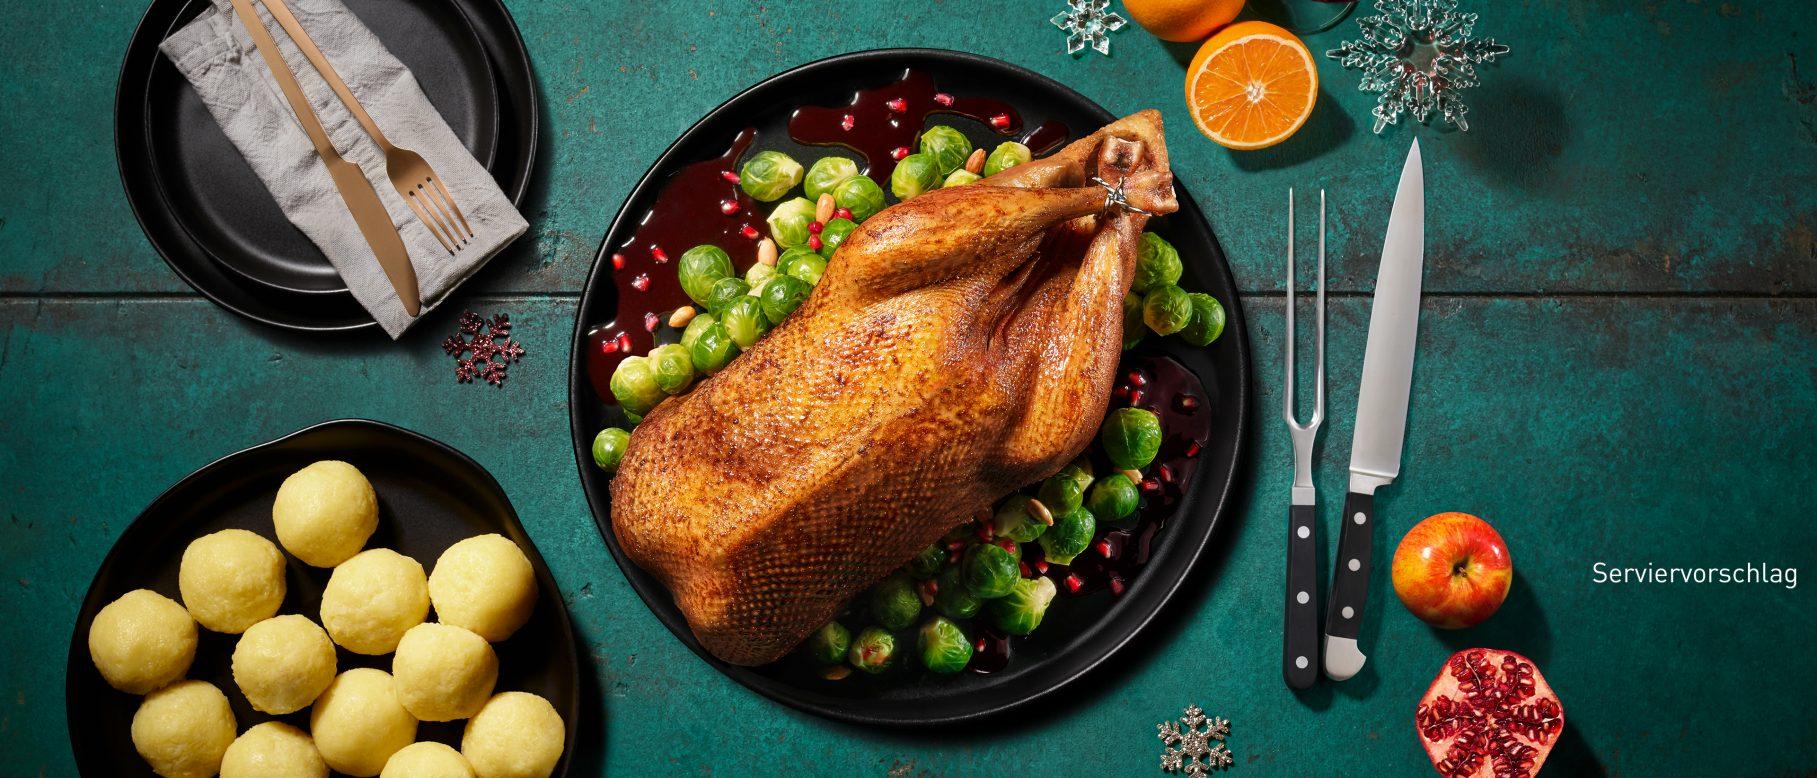 Aldi Weihnachtsessen.Gefüllte Gans Mit Granatapfelsoße Und Mandelrosenkohl